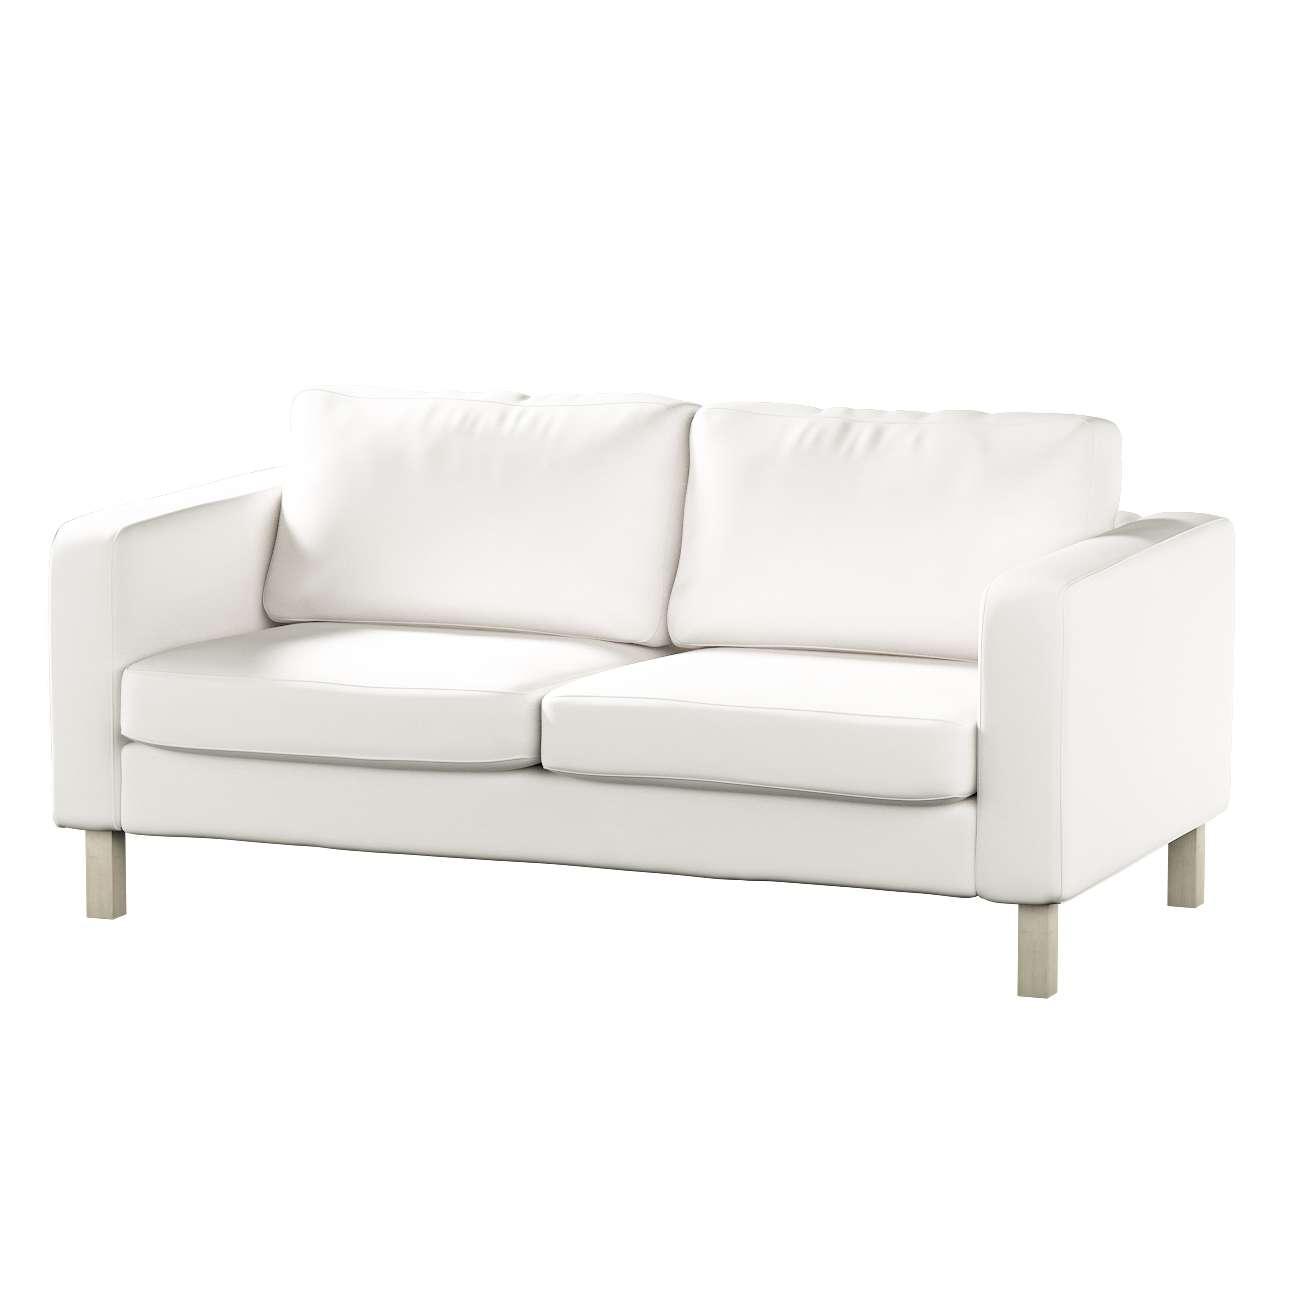 KARSLTAD dvivietės sofos užvalkalas Karlstad 2-vietės sofos užvalkalas kolekcijoje Cotton Panama, audinys: 702-34